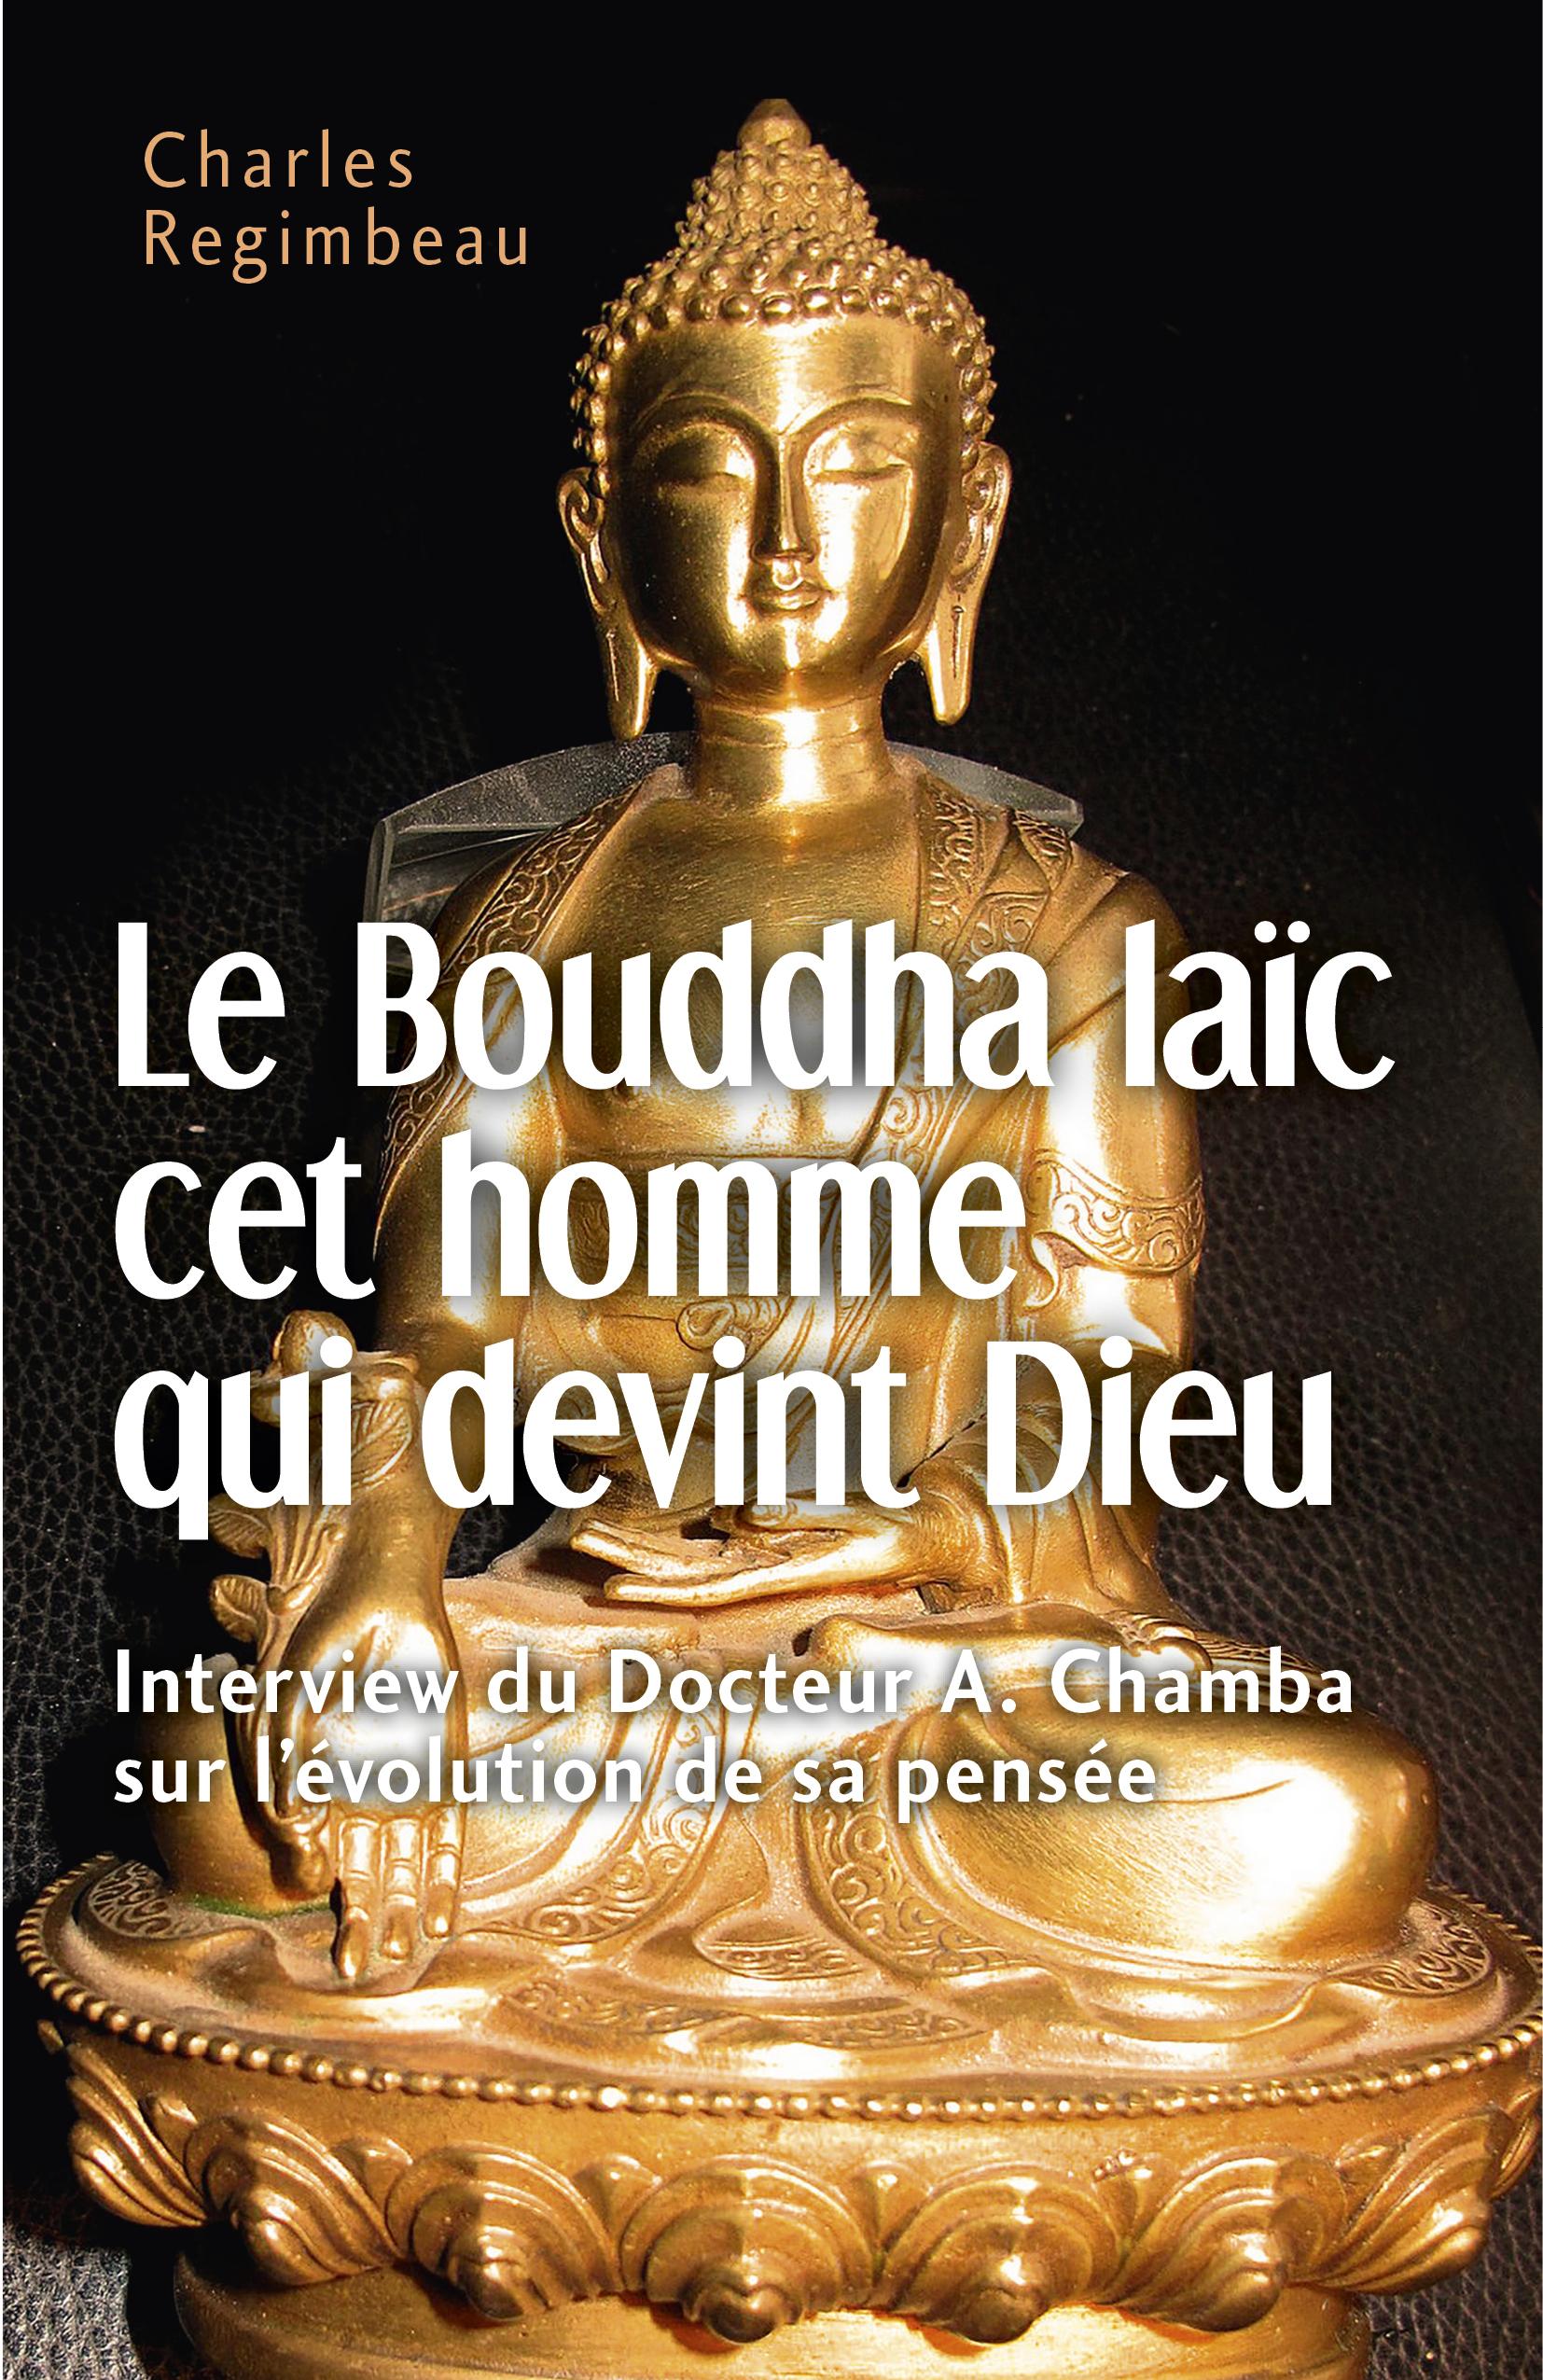 Le Bouddha laïc cet homme qui devint Dieu, Interview du Docteur A. Chamba sur l'évolution de sa pensée